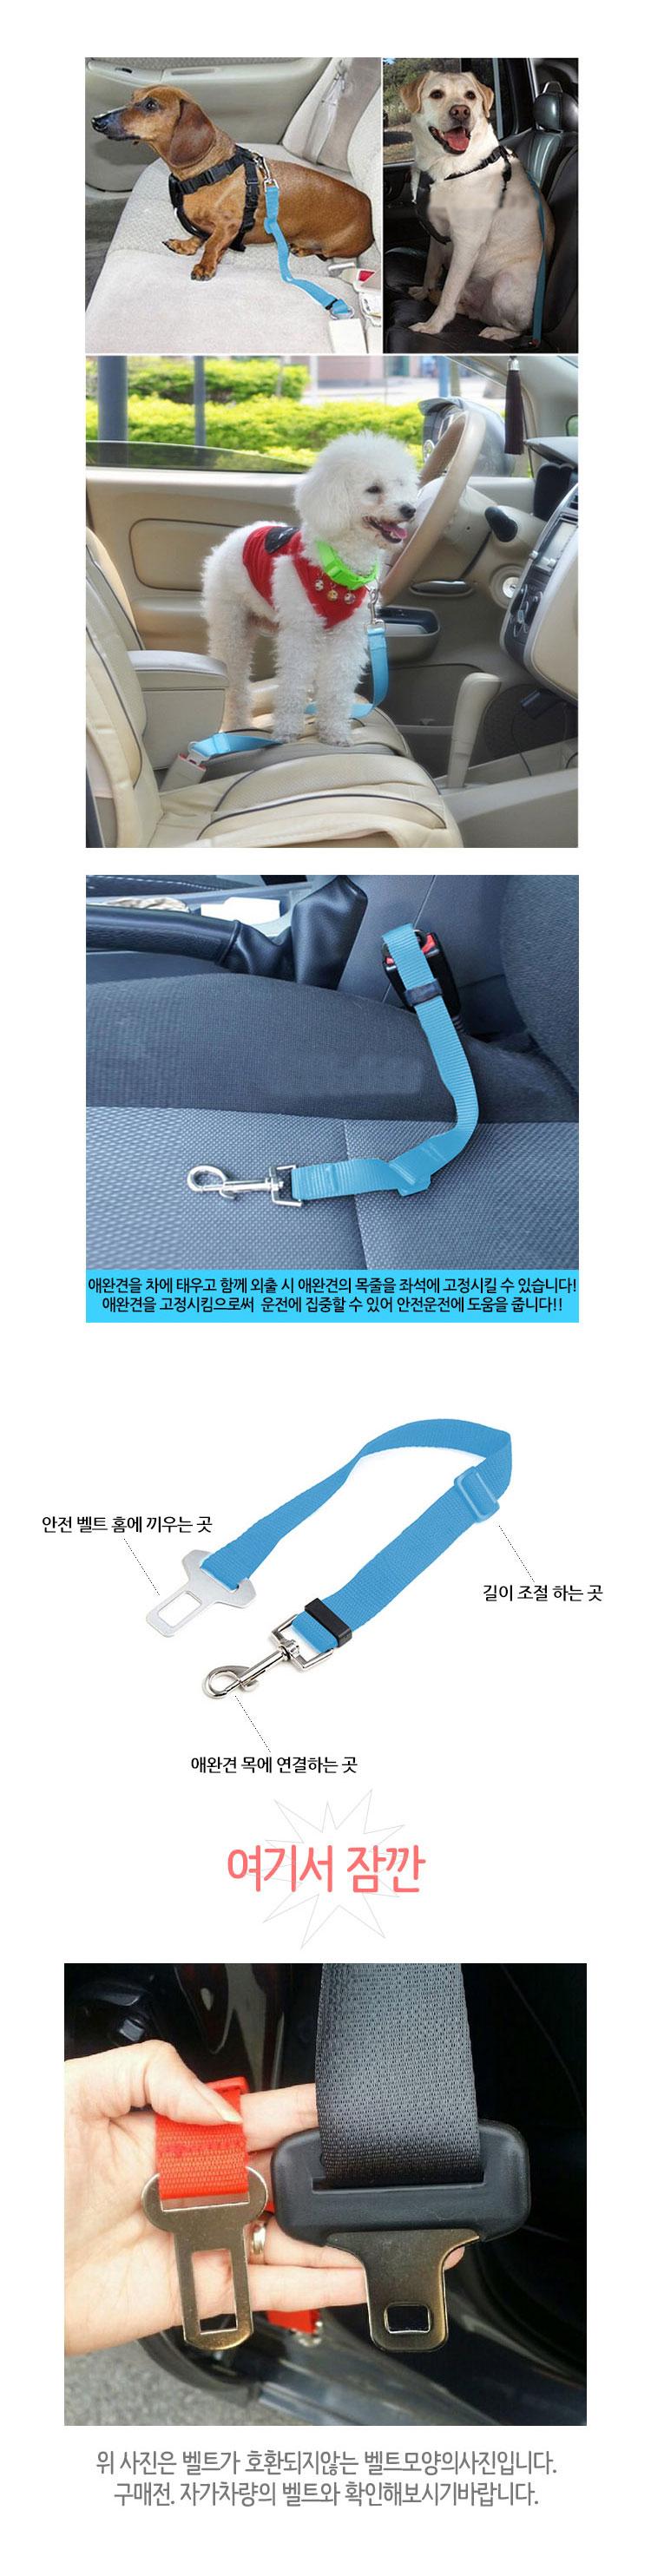 차량용 애견 안전벨트 - 재미월드, 2,800원, 이동장/리드줄/야외용품, 리드줄